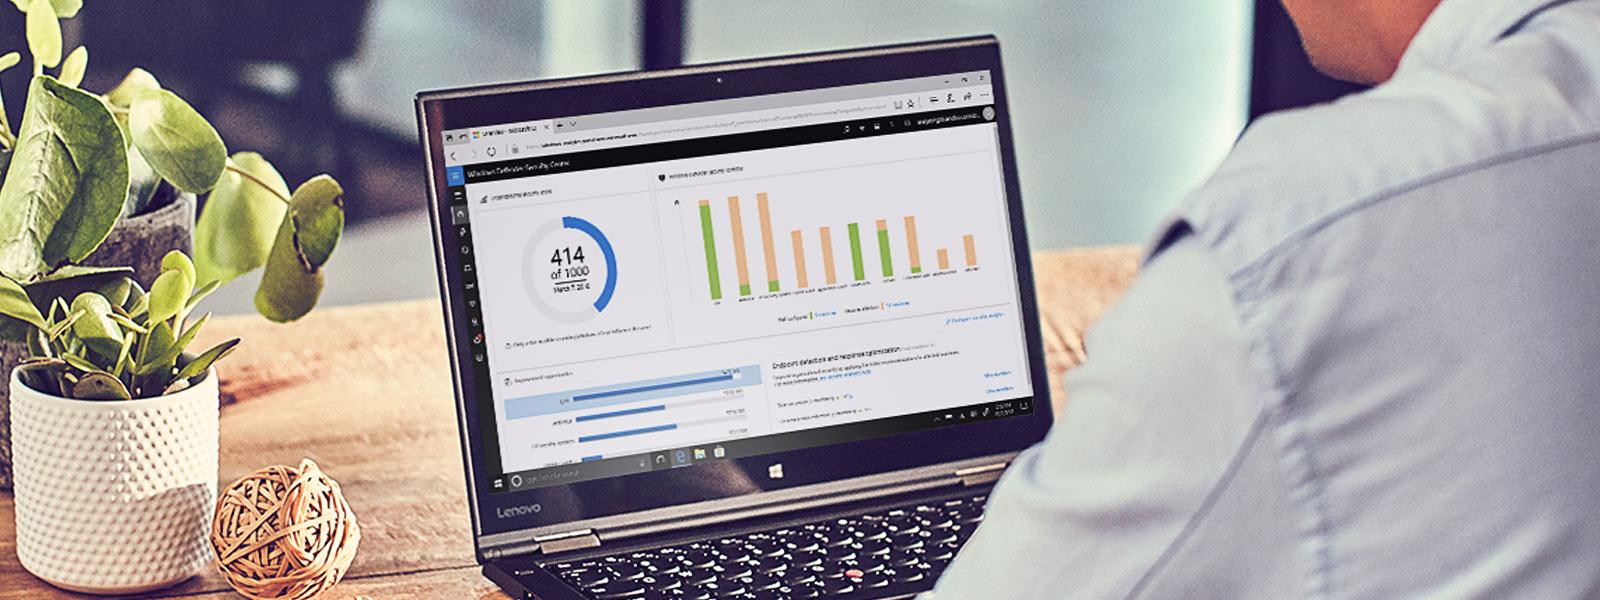 Laptop op bureau met Windows Defender-centrum op het scherm